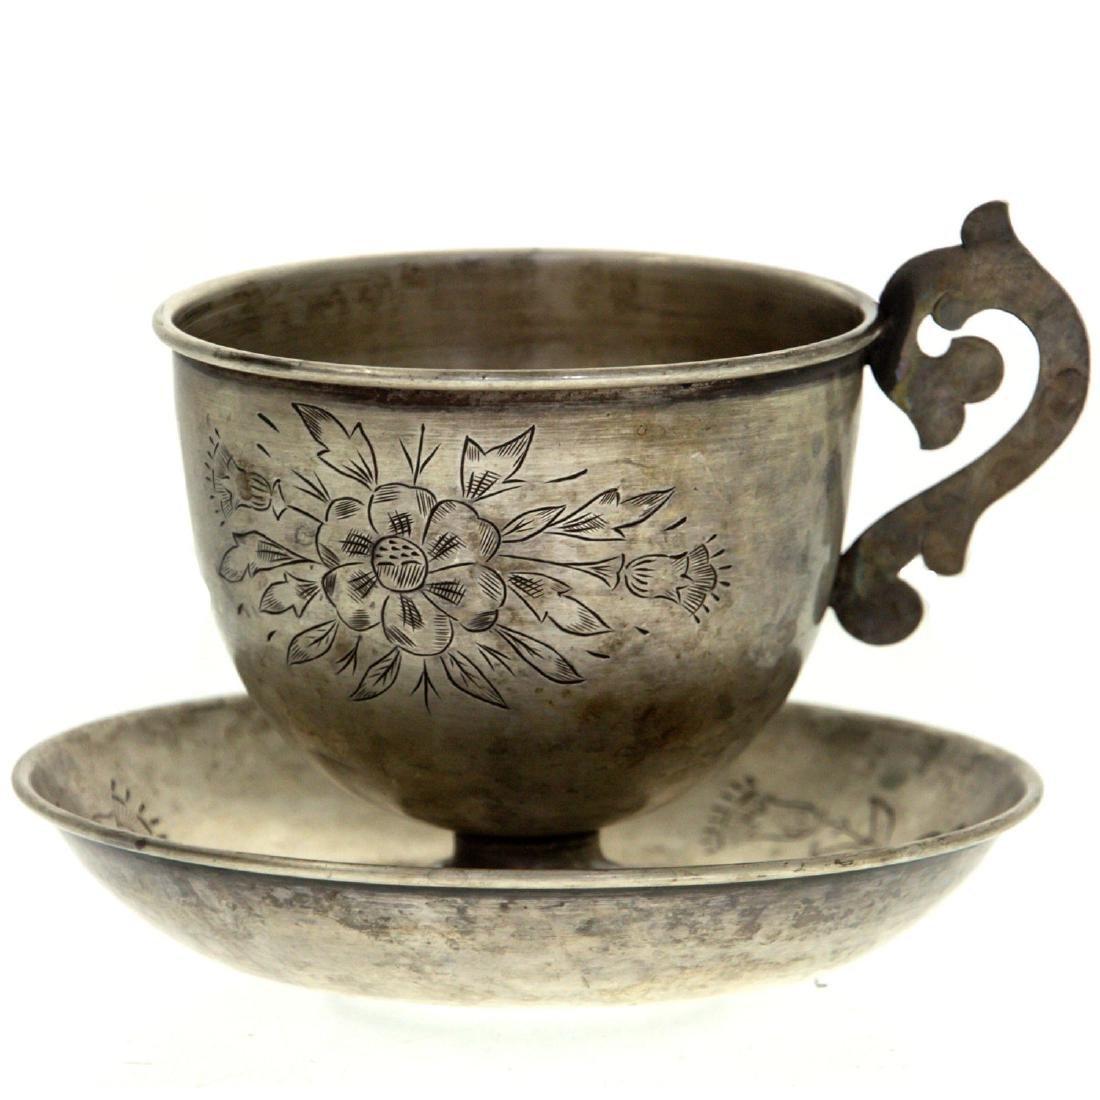 Silver Tea Cup and Coaster, Circa 1900.